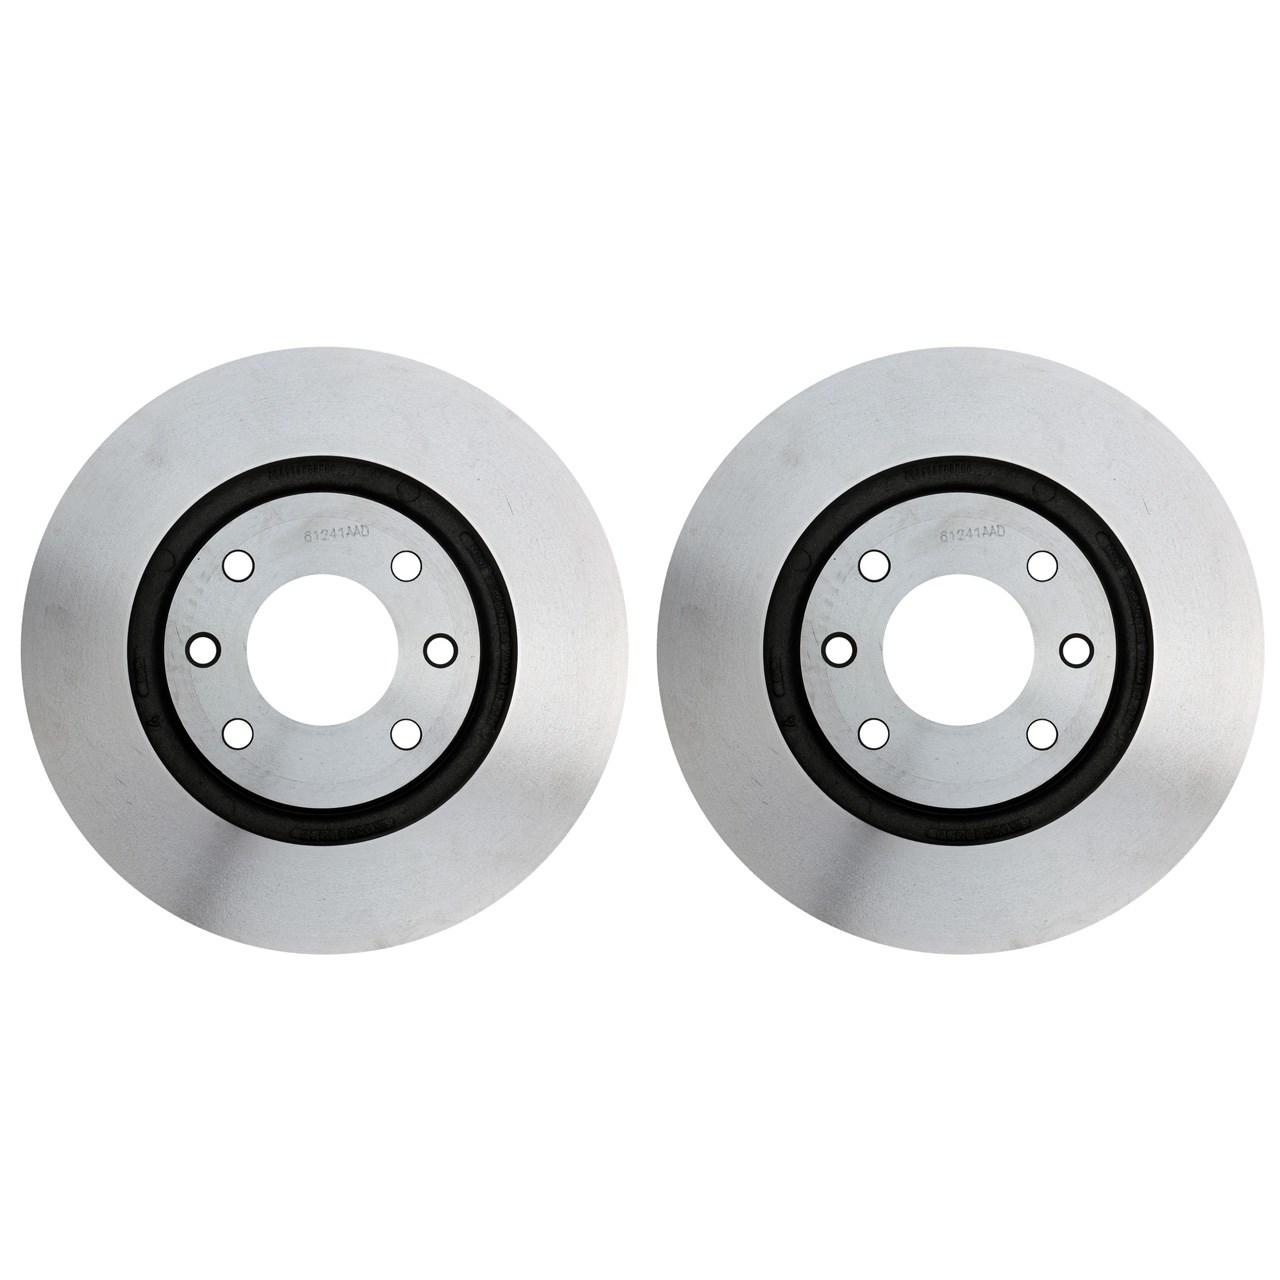 دیسک ترمز چرخ جلو گسترش وسایل خودرو آسیا بسته 2 عددی مناسب برای سمند ماندو